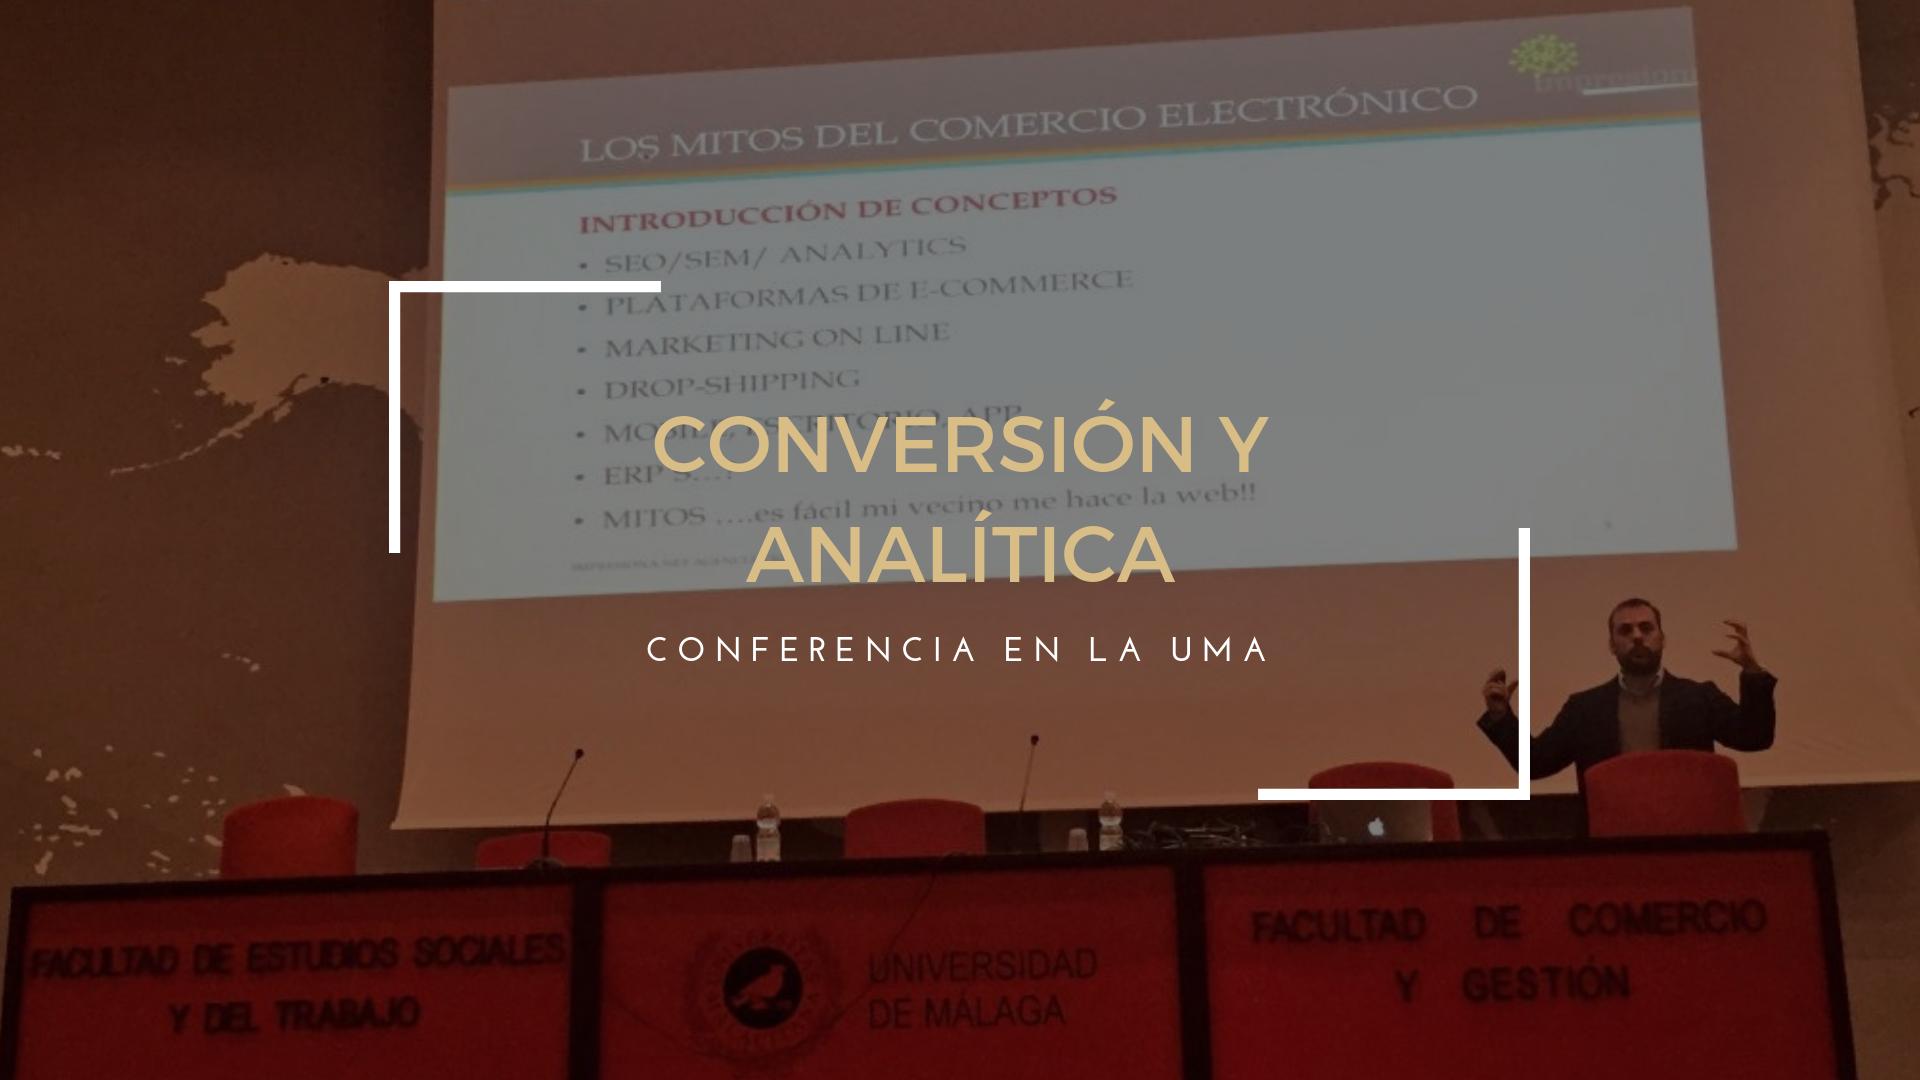 Conferencia sobre Conversión y Analítica en la UMA